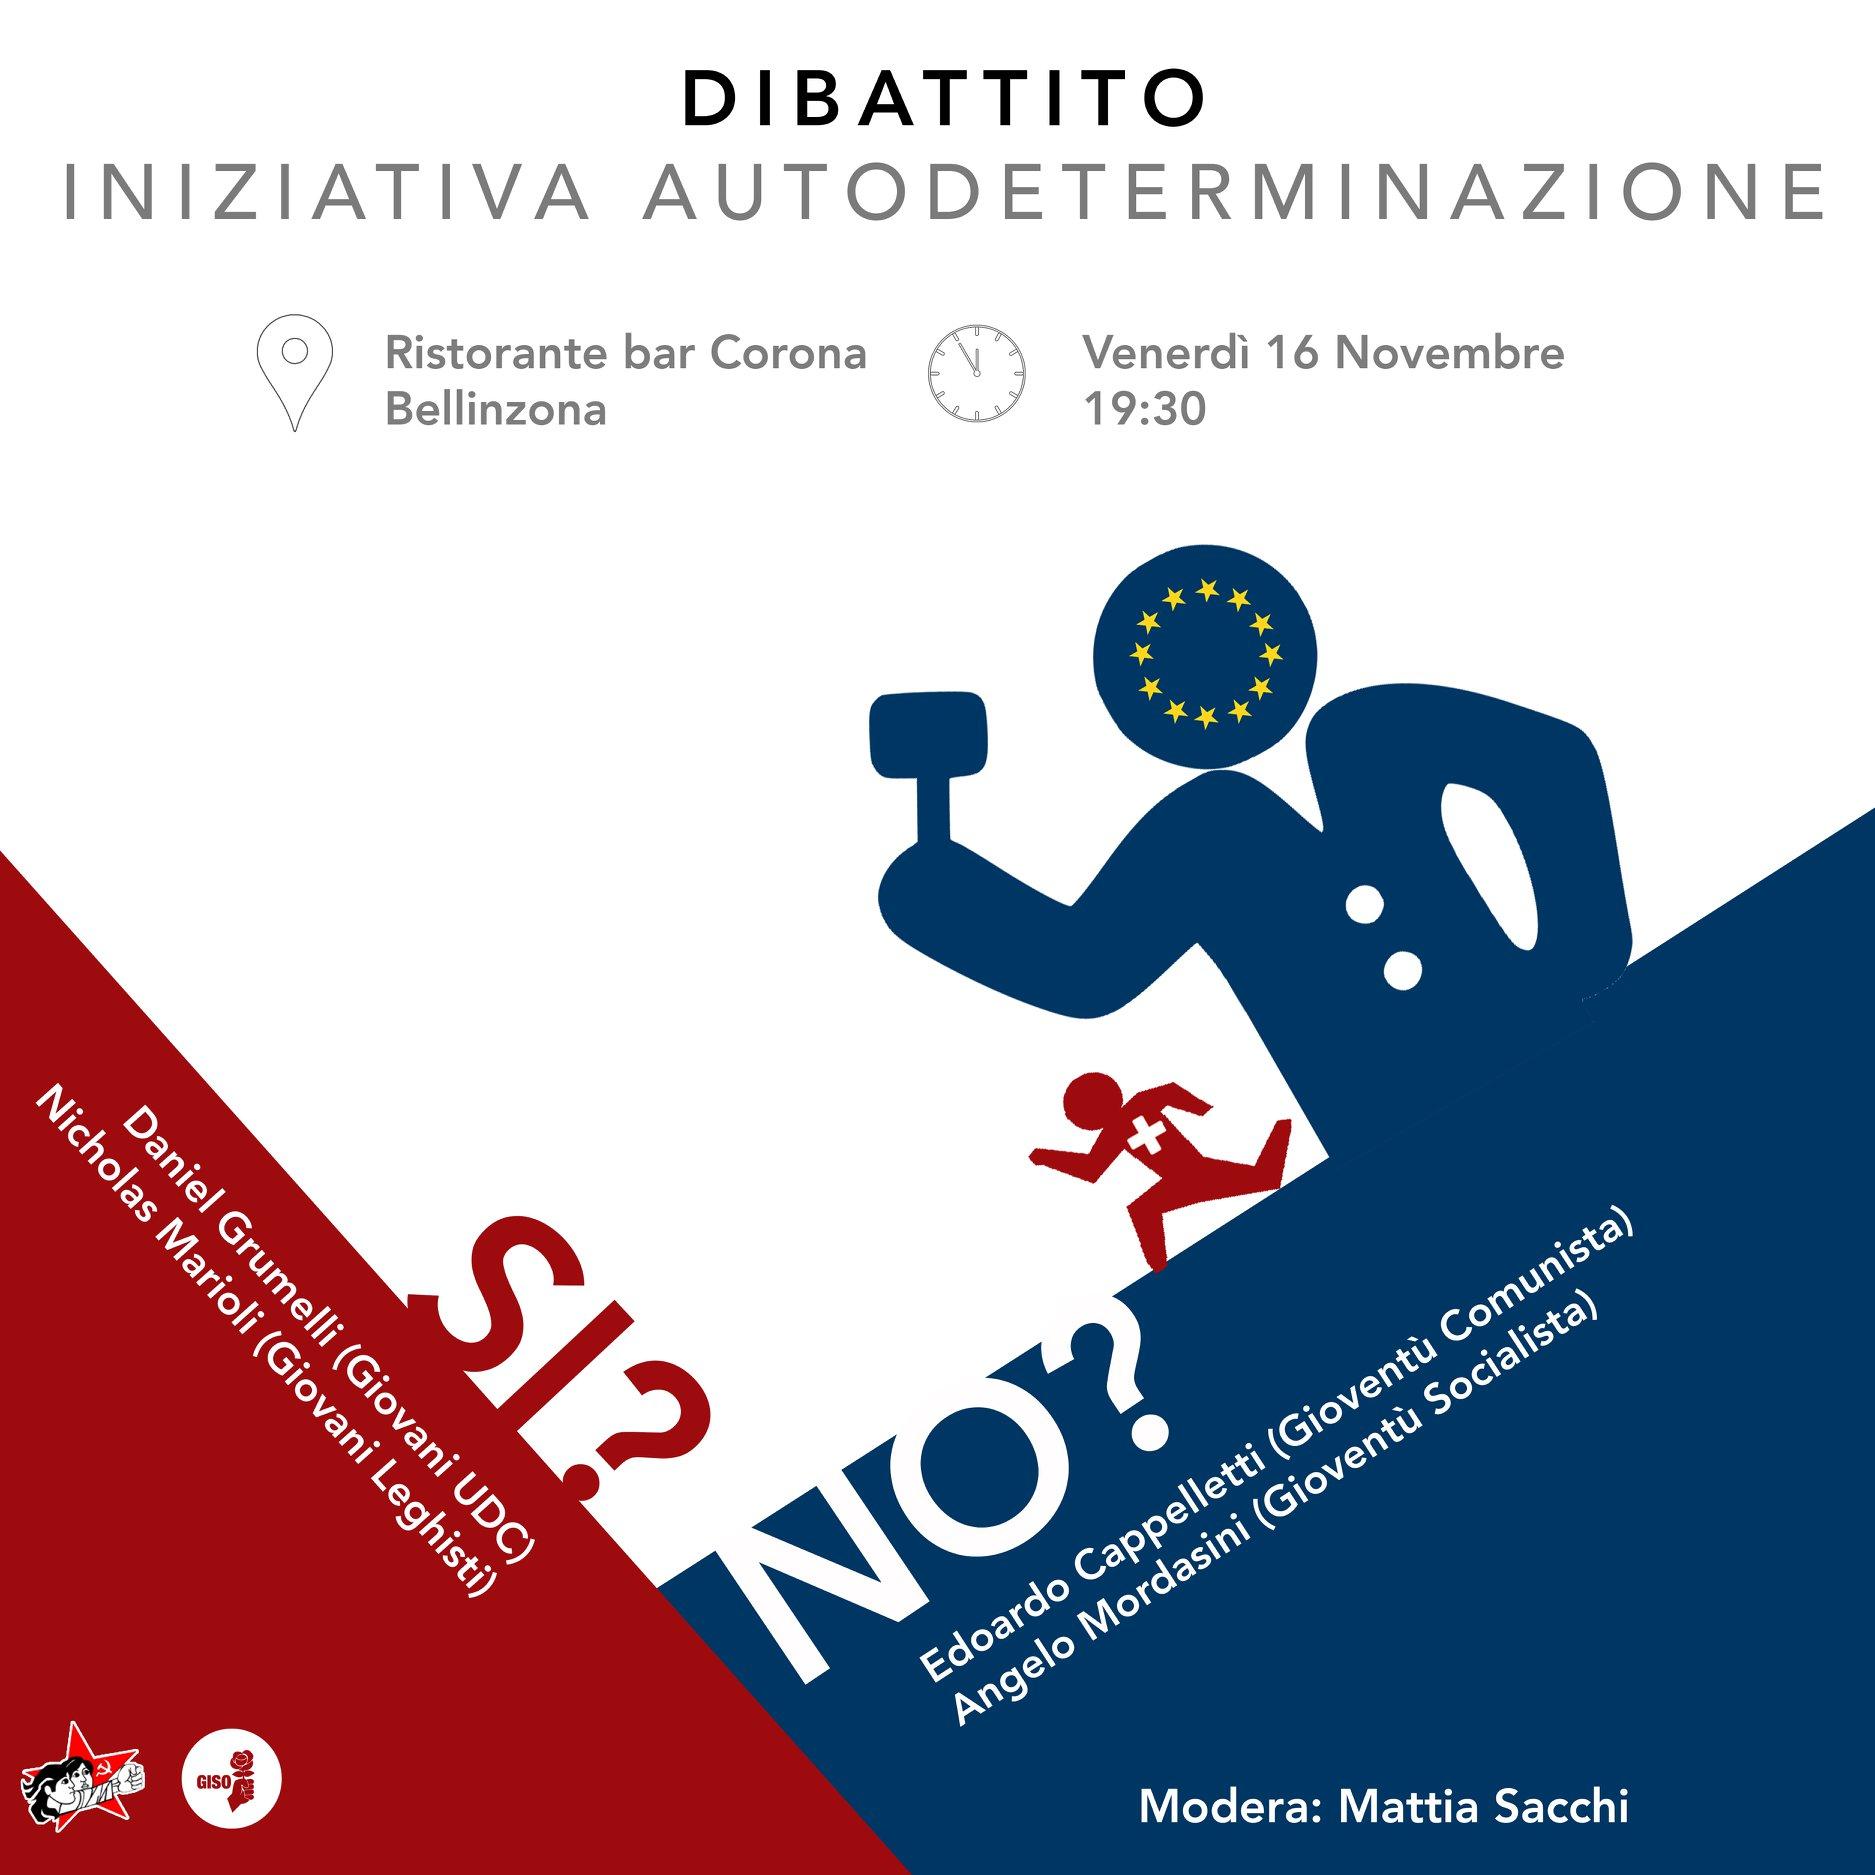 Dibattito giovanile sull'iniziativa per l'autodeterminazione @ Ristorante Corona